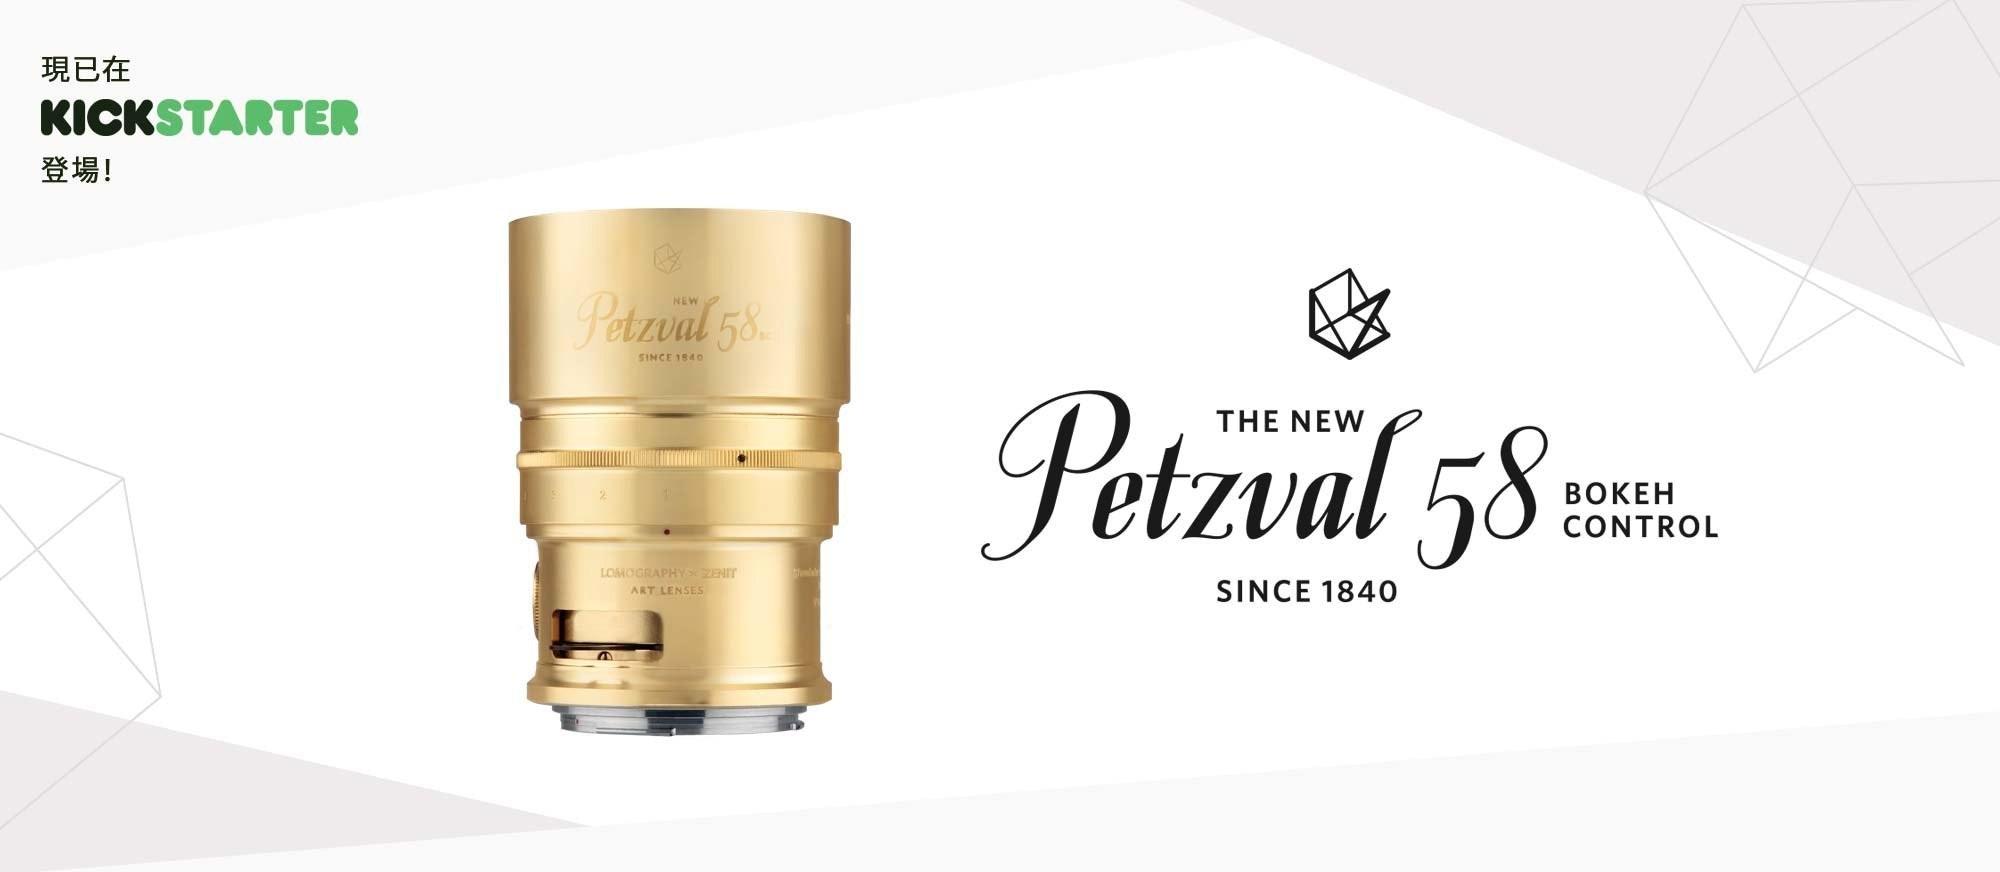 是Lomography 在 Kickstarter 推出 New PETZVAL 58 螺旋散景鏡,體驗螺旋散景或是當收藏品兩相宜這篇文章的首圖